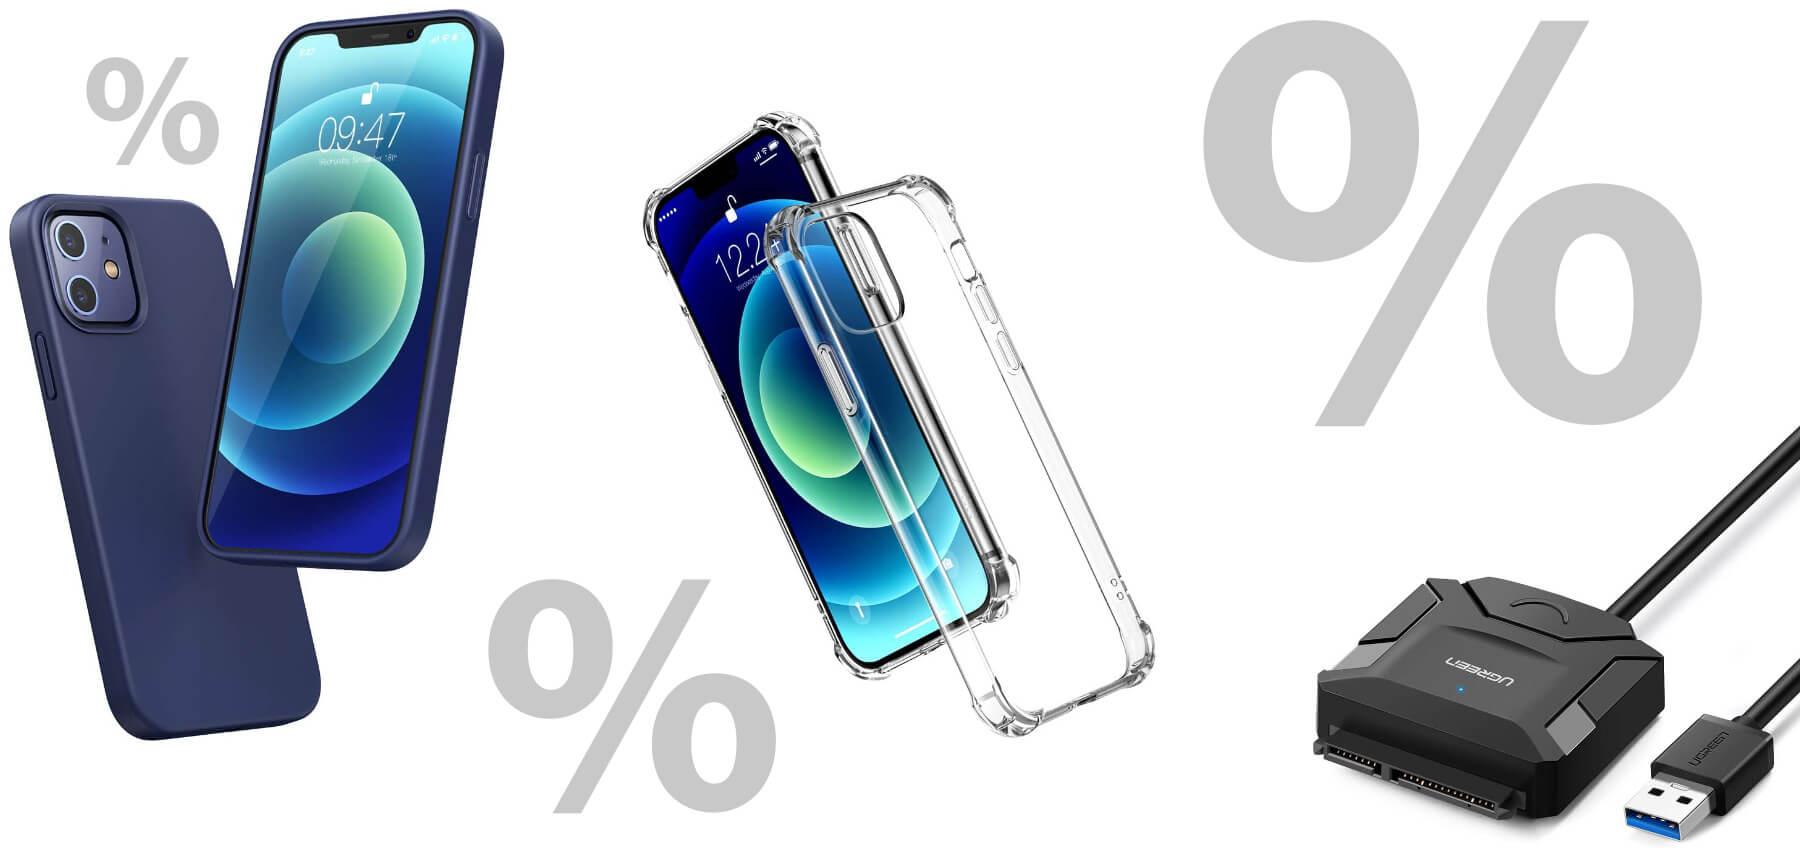 Eine iPhone 12 / 12 Pro Schutzhülle in Marineblau, eine transparente Schutzhülle sowie einen SATA-auf-USB-Adapter bekommt ihr aktuell von UGREEN günstiger.